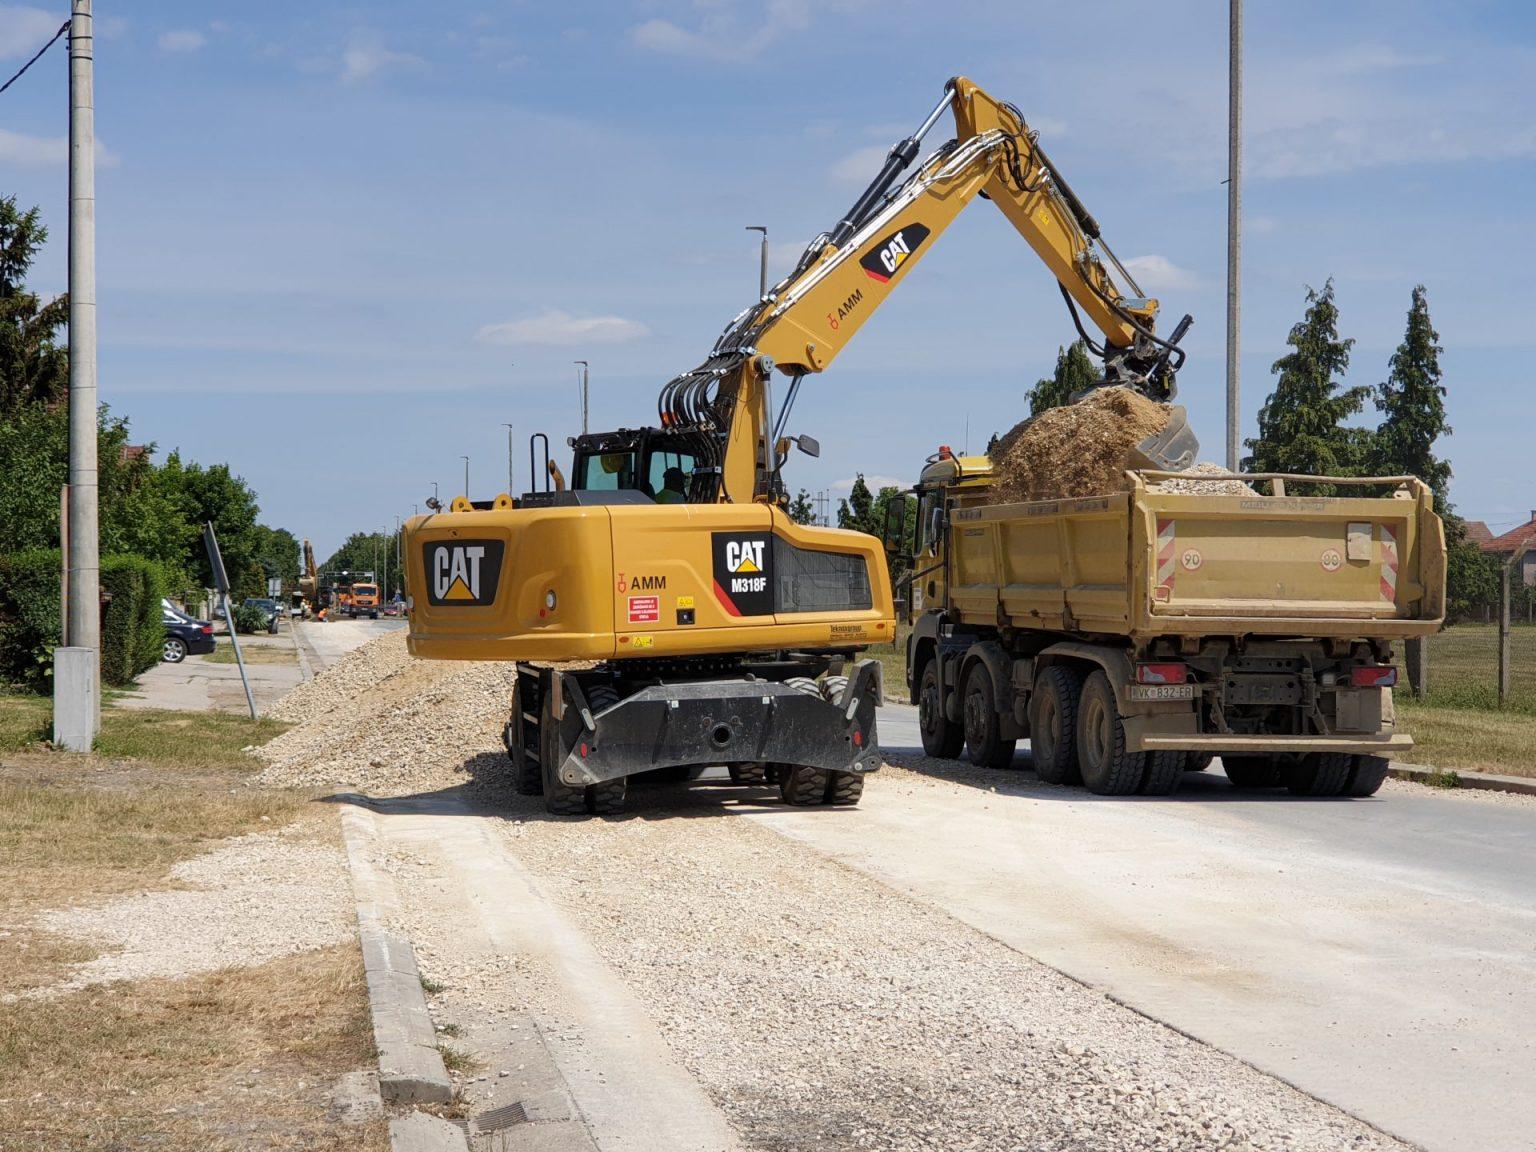 Moguće otežano prometovanje zbog radova u Genscherovoj ulici